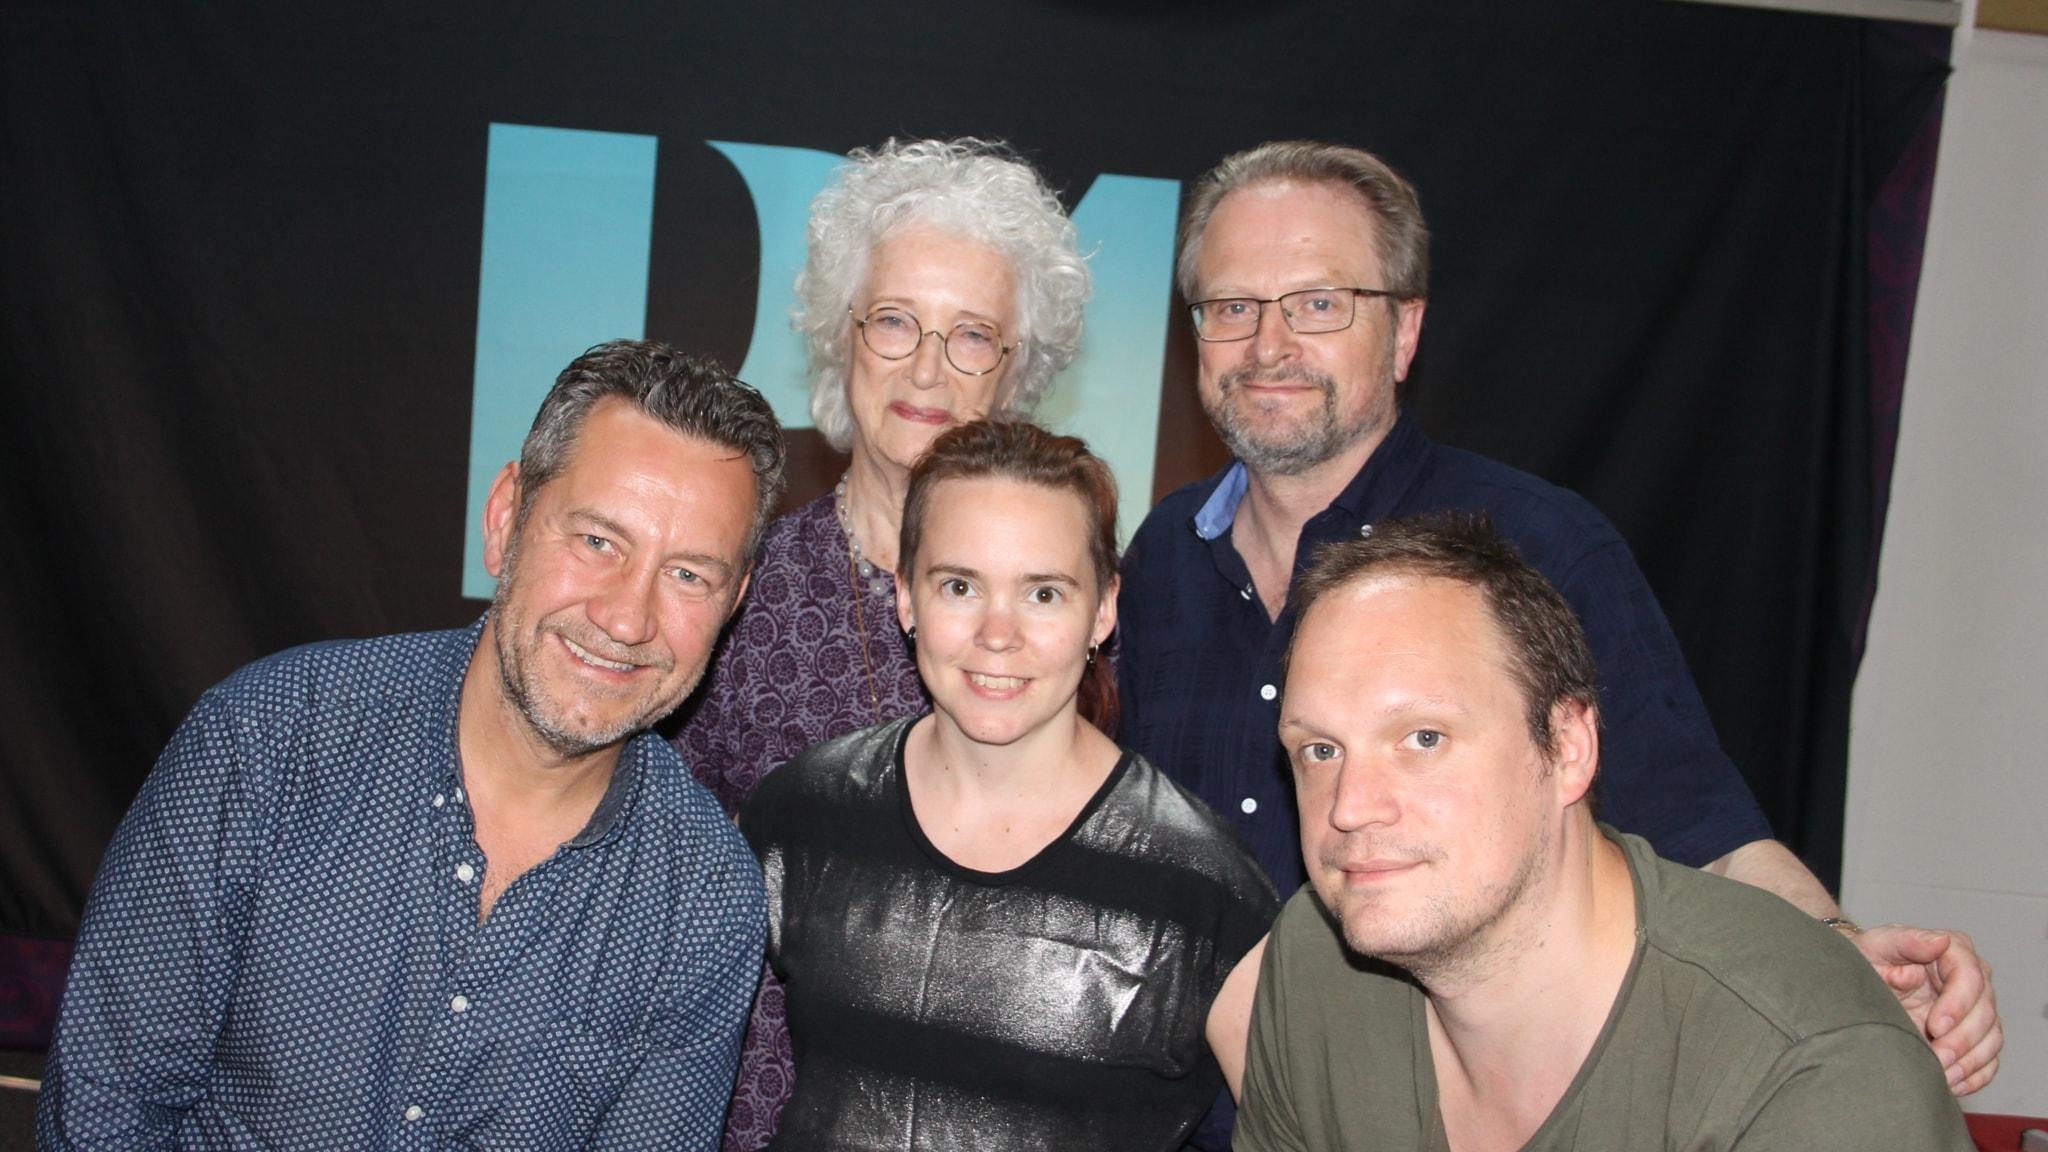 Lantzkampen inställd pga sjukdom. Istället blir det Karstens middag med Sara Lövestam, Jonatan Unge, Sandro Scocco och Magdalena Ribbing.